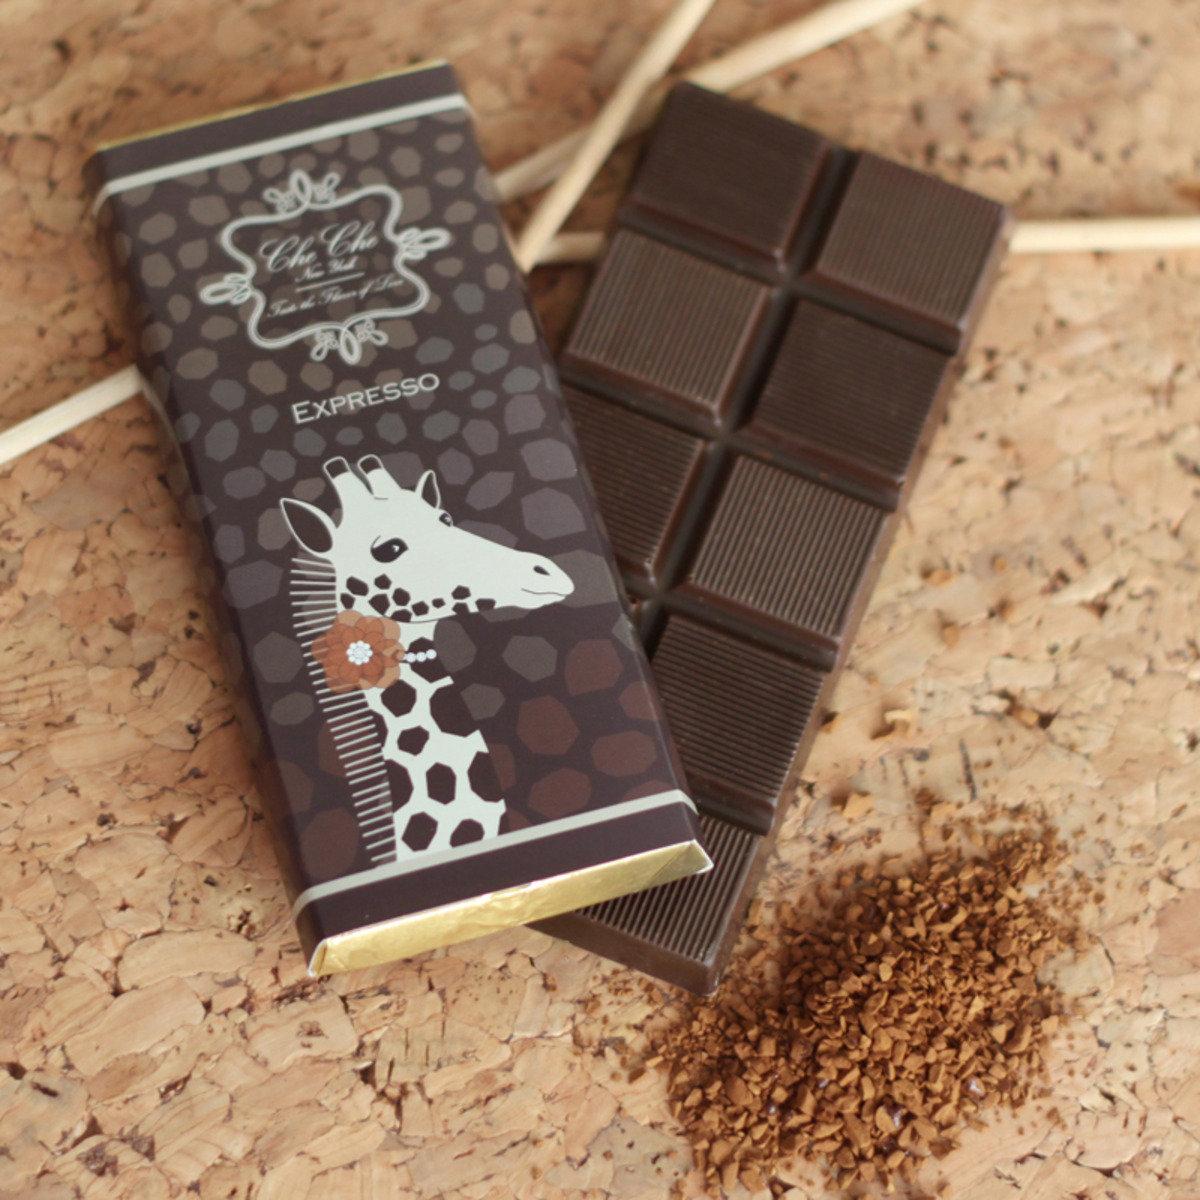 排裝巧克力 - 特濃咖啡